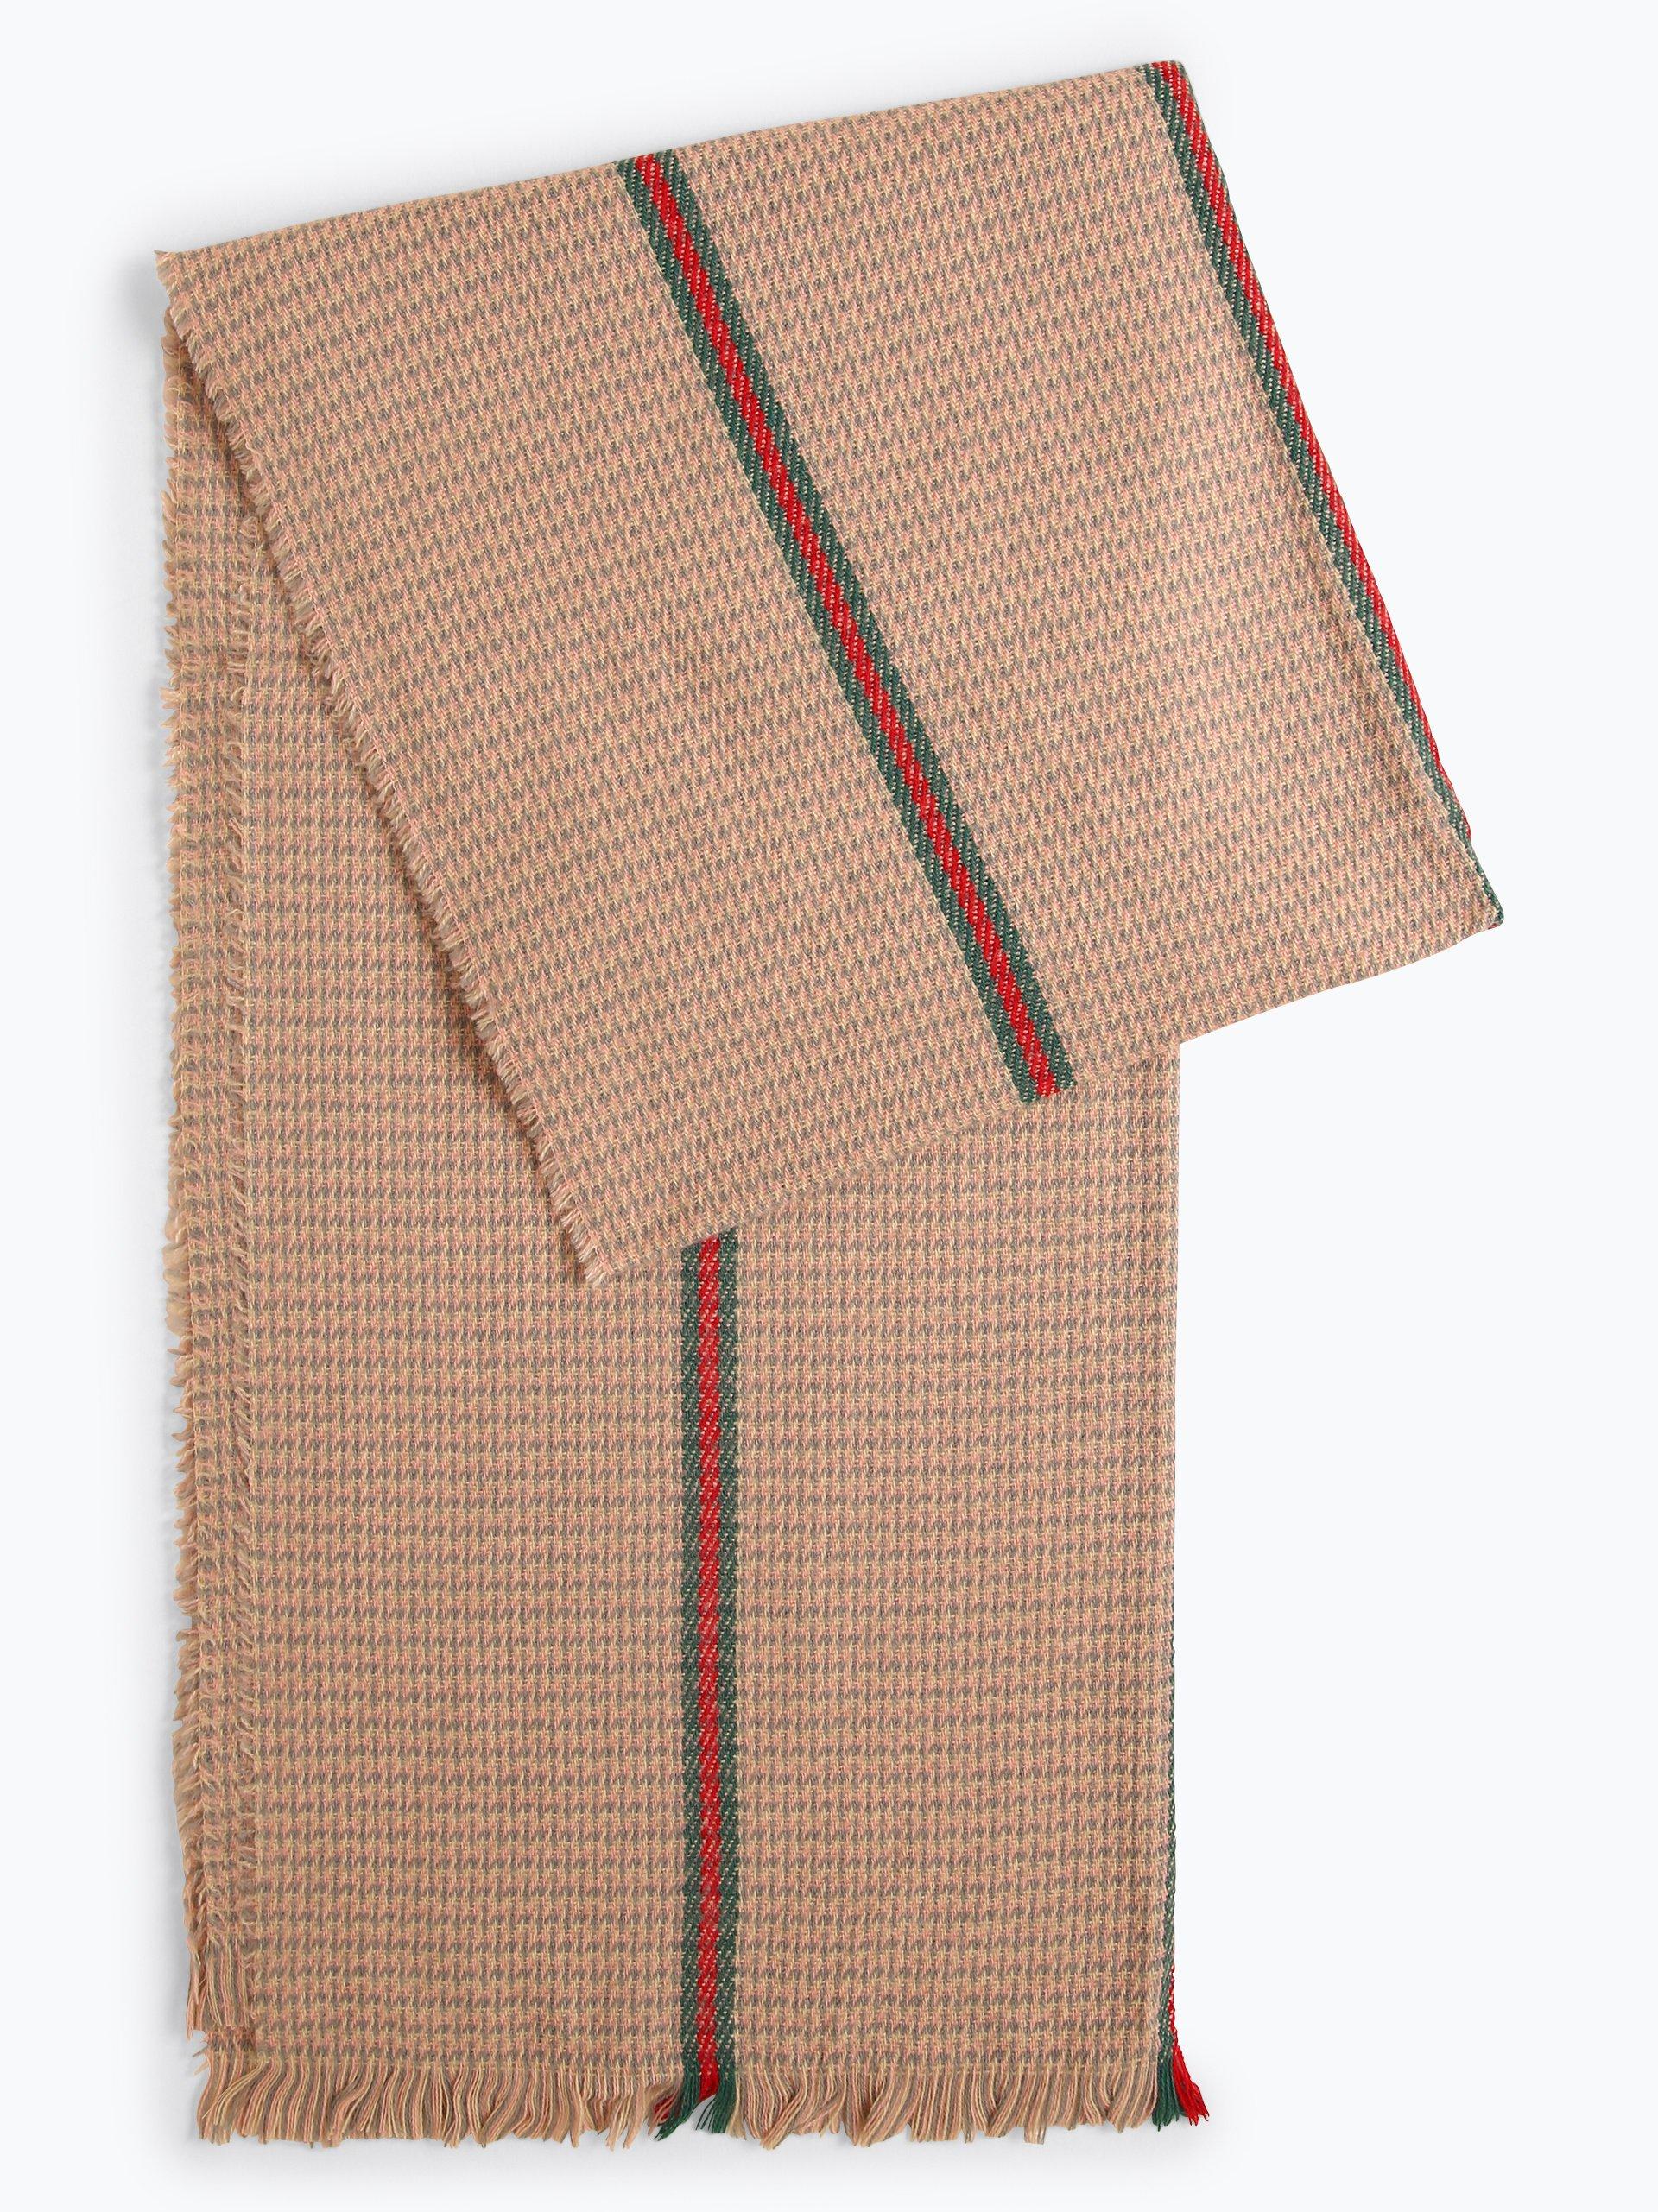 Kurt Kölln Damen Schal